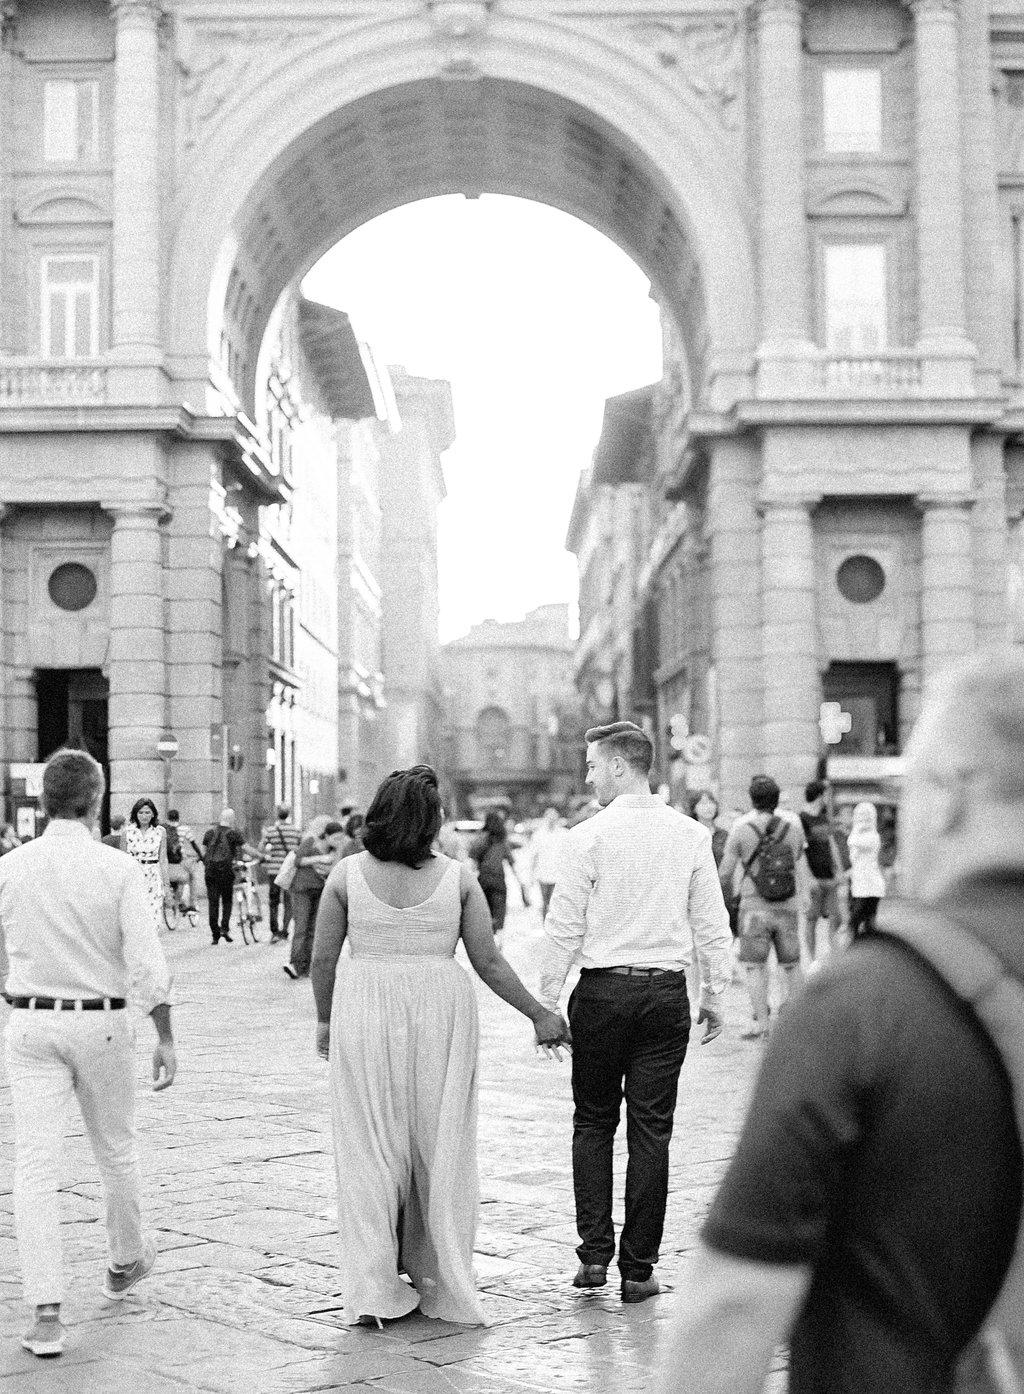 fine art film wedding photographer, engagement session, destination wedding, italy wedding, virginia, washington dc, maryland, tuscany, florence, engagement session